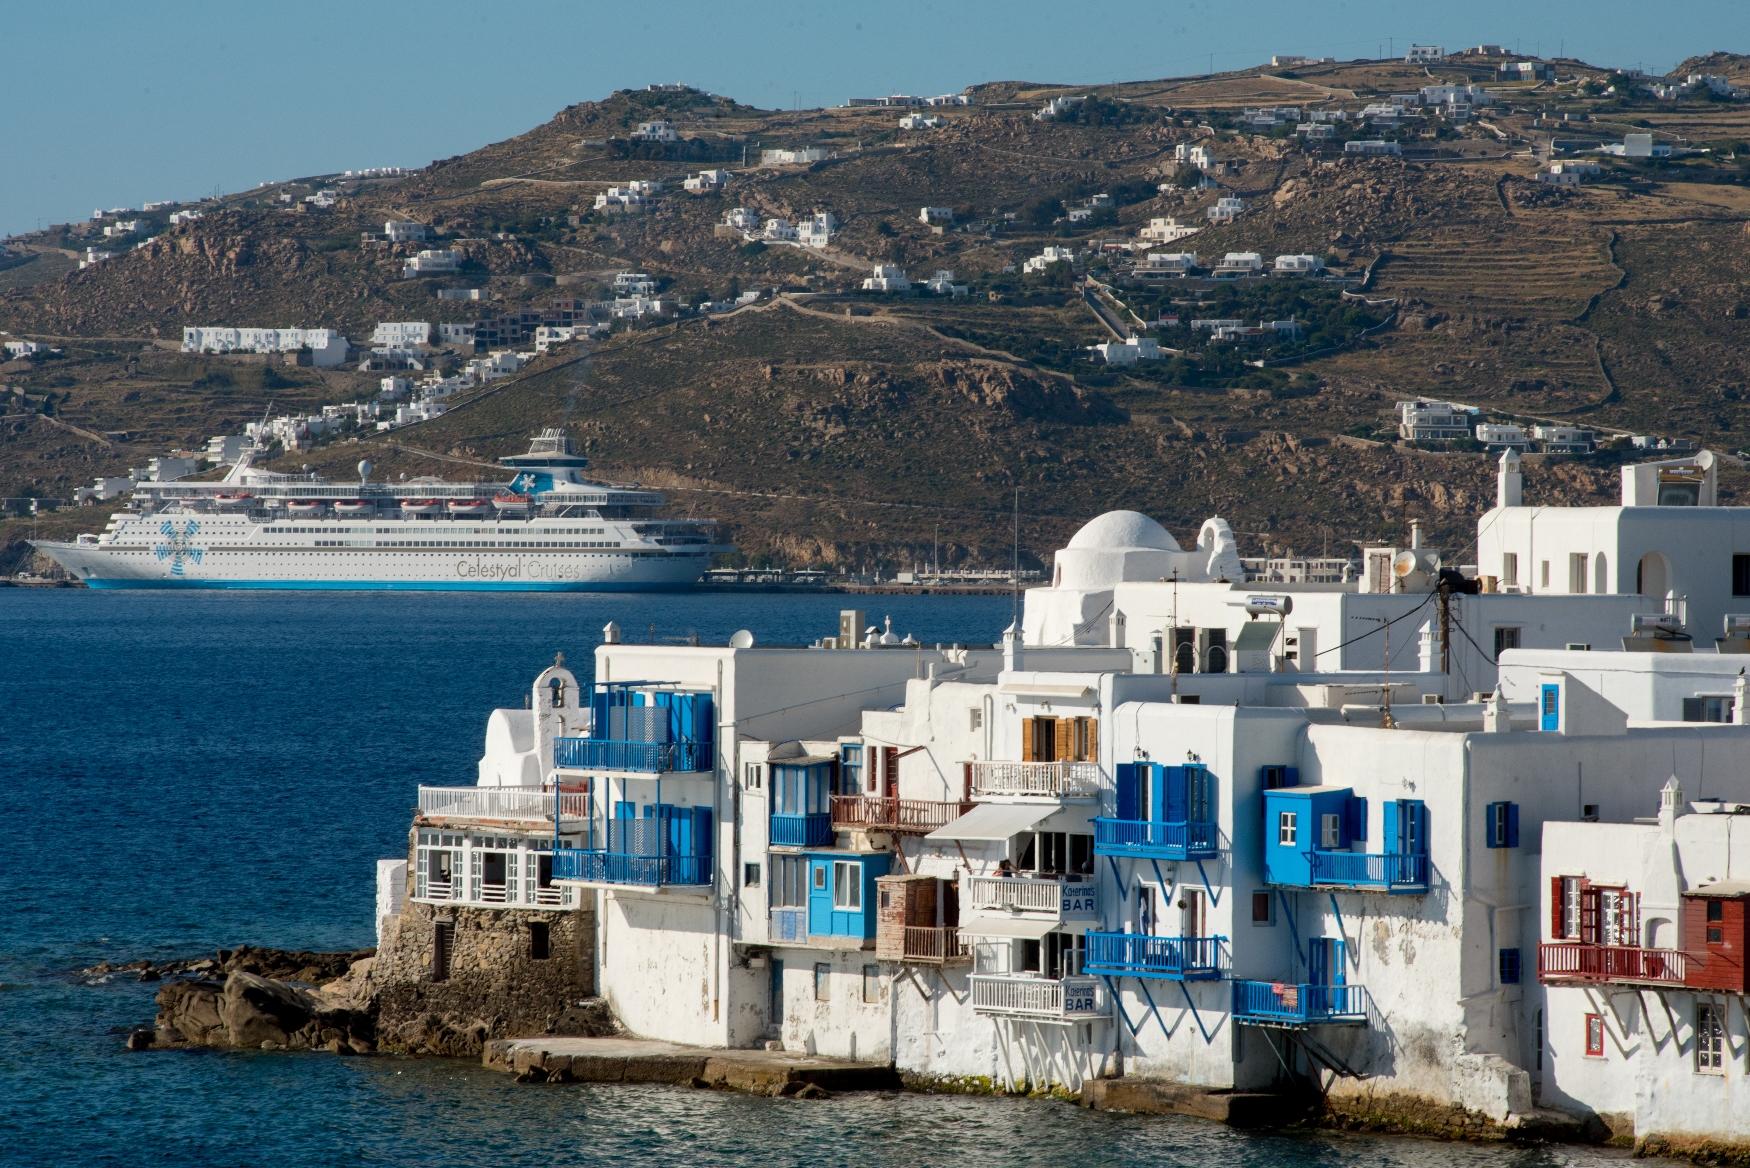 Celestyal Cruises kommt dem Ziel näher, ganzjährig Kreuzfahrten anzubieten und Gästen eine noch größere Auswahl an Destinationen in der Ägäis, im Mittelmeer und nun auch in der Adria zu offerieren.